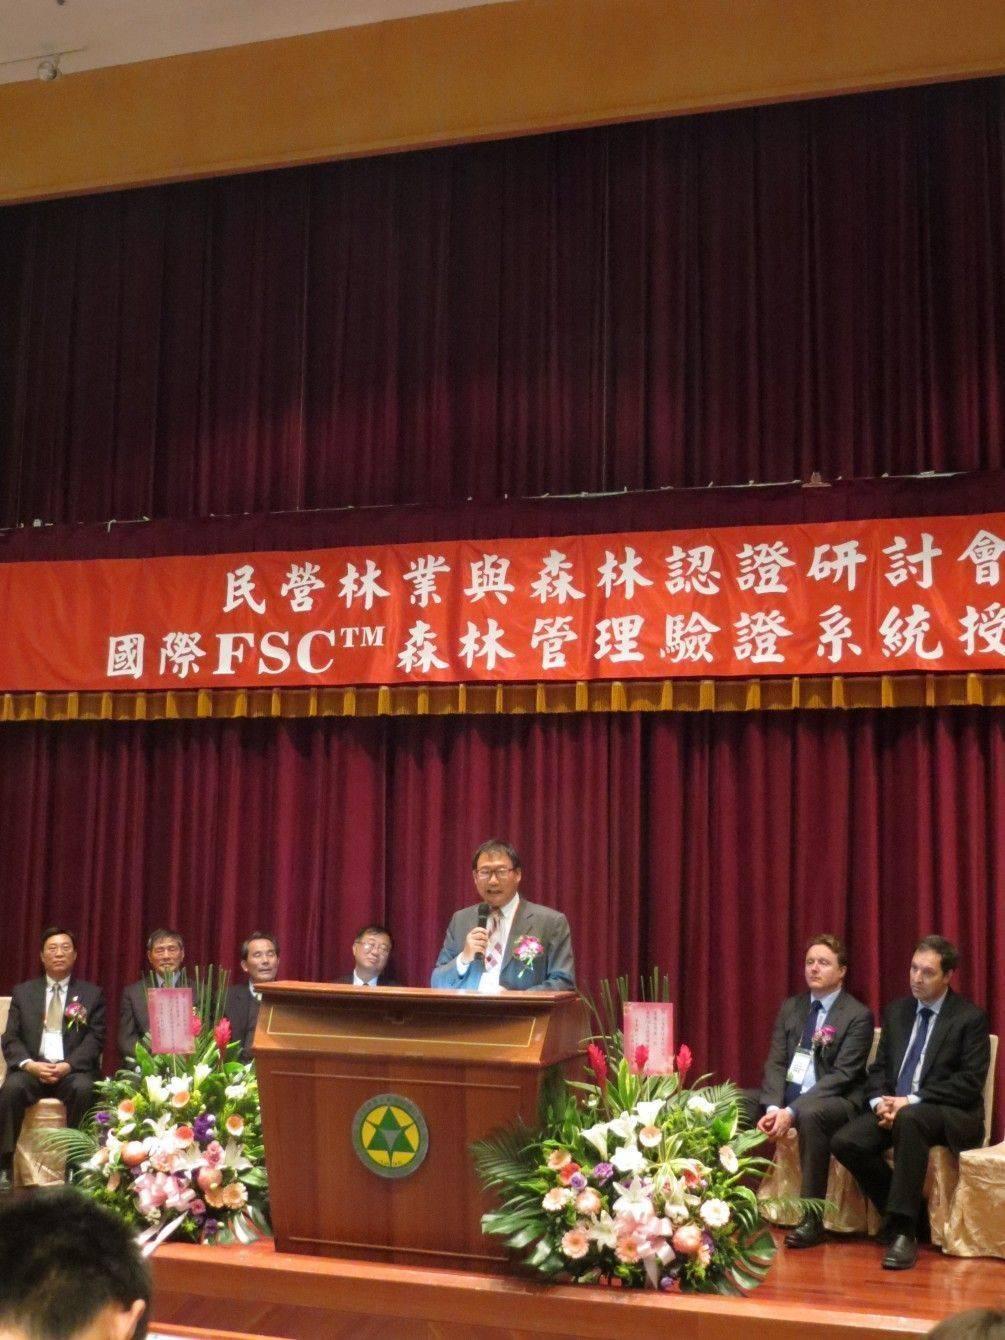 全台第一張FSC FM證書授證典禮